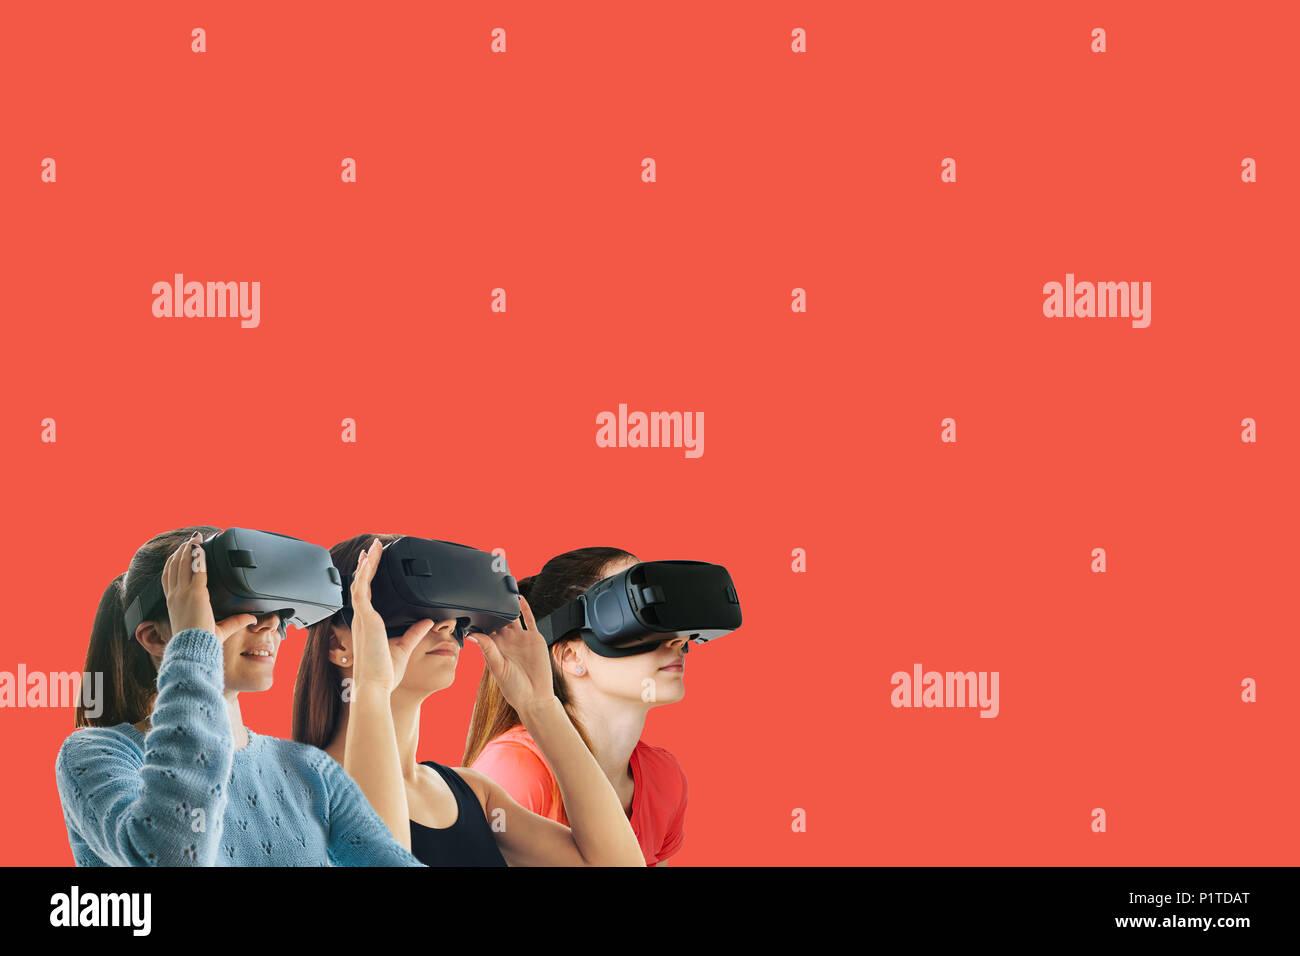 Giovani belle ragazze in occhiali per realtà virtuale. Il concetto di tecnologie moderne e le tecnologie del futuro. Occhiali VR Immagini Stock